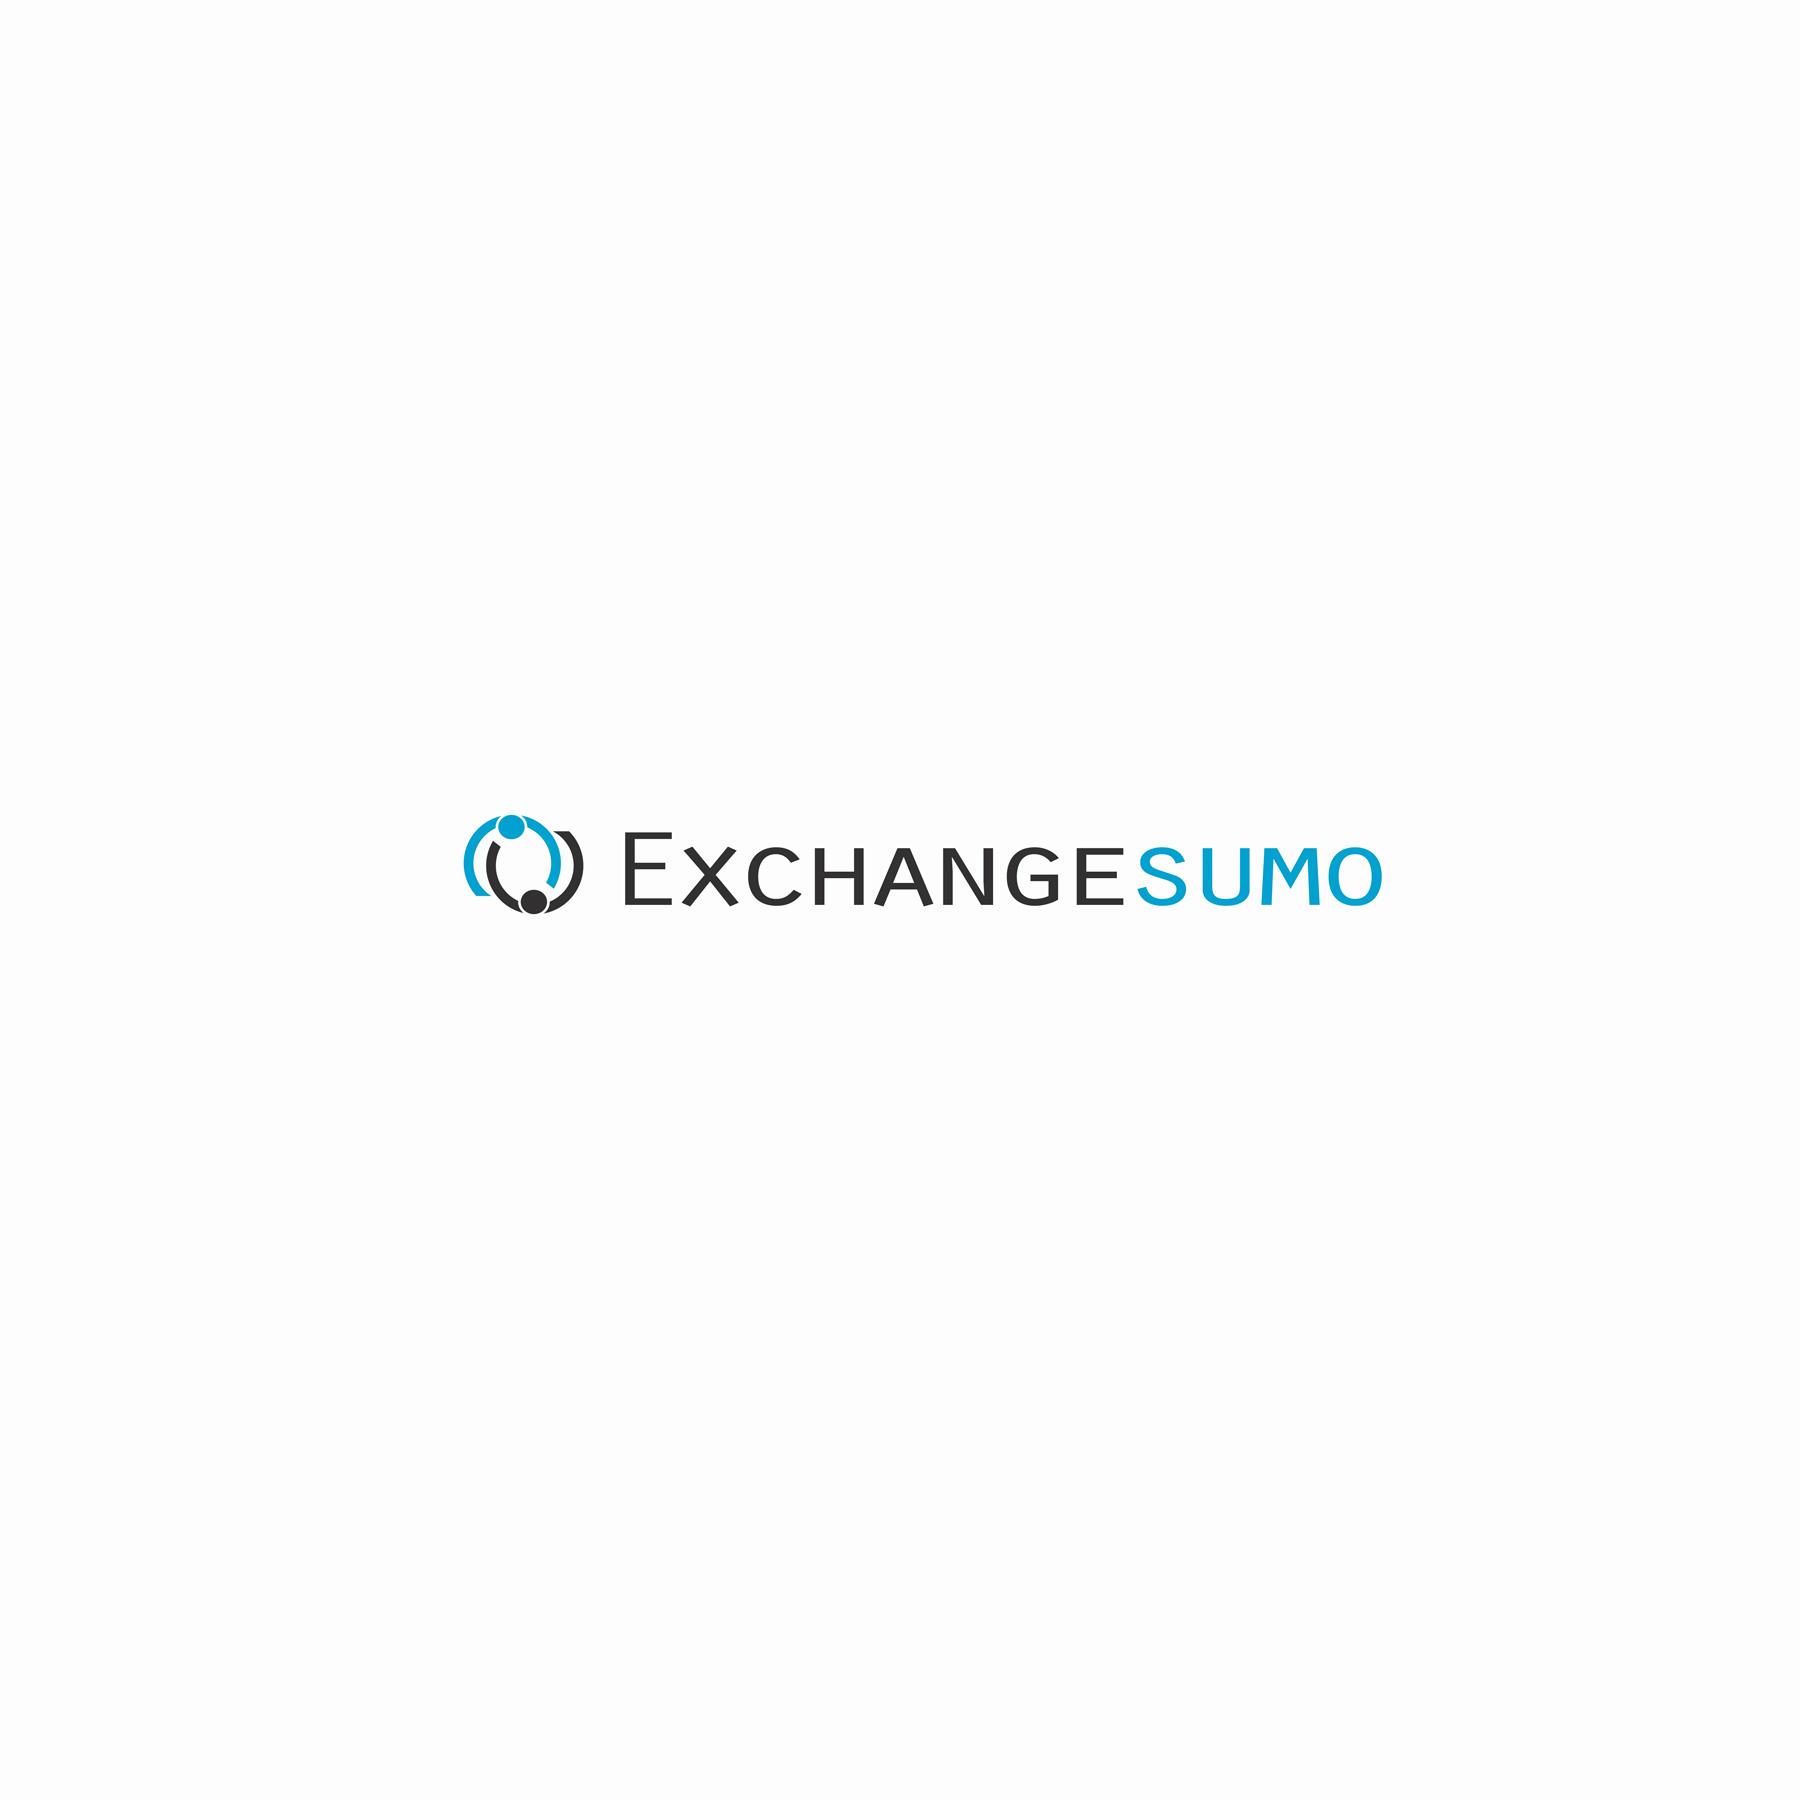 Логотип для мониторинга обменников фото f_1215babbb935d470.jpg